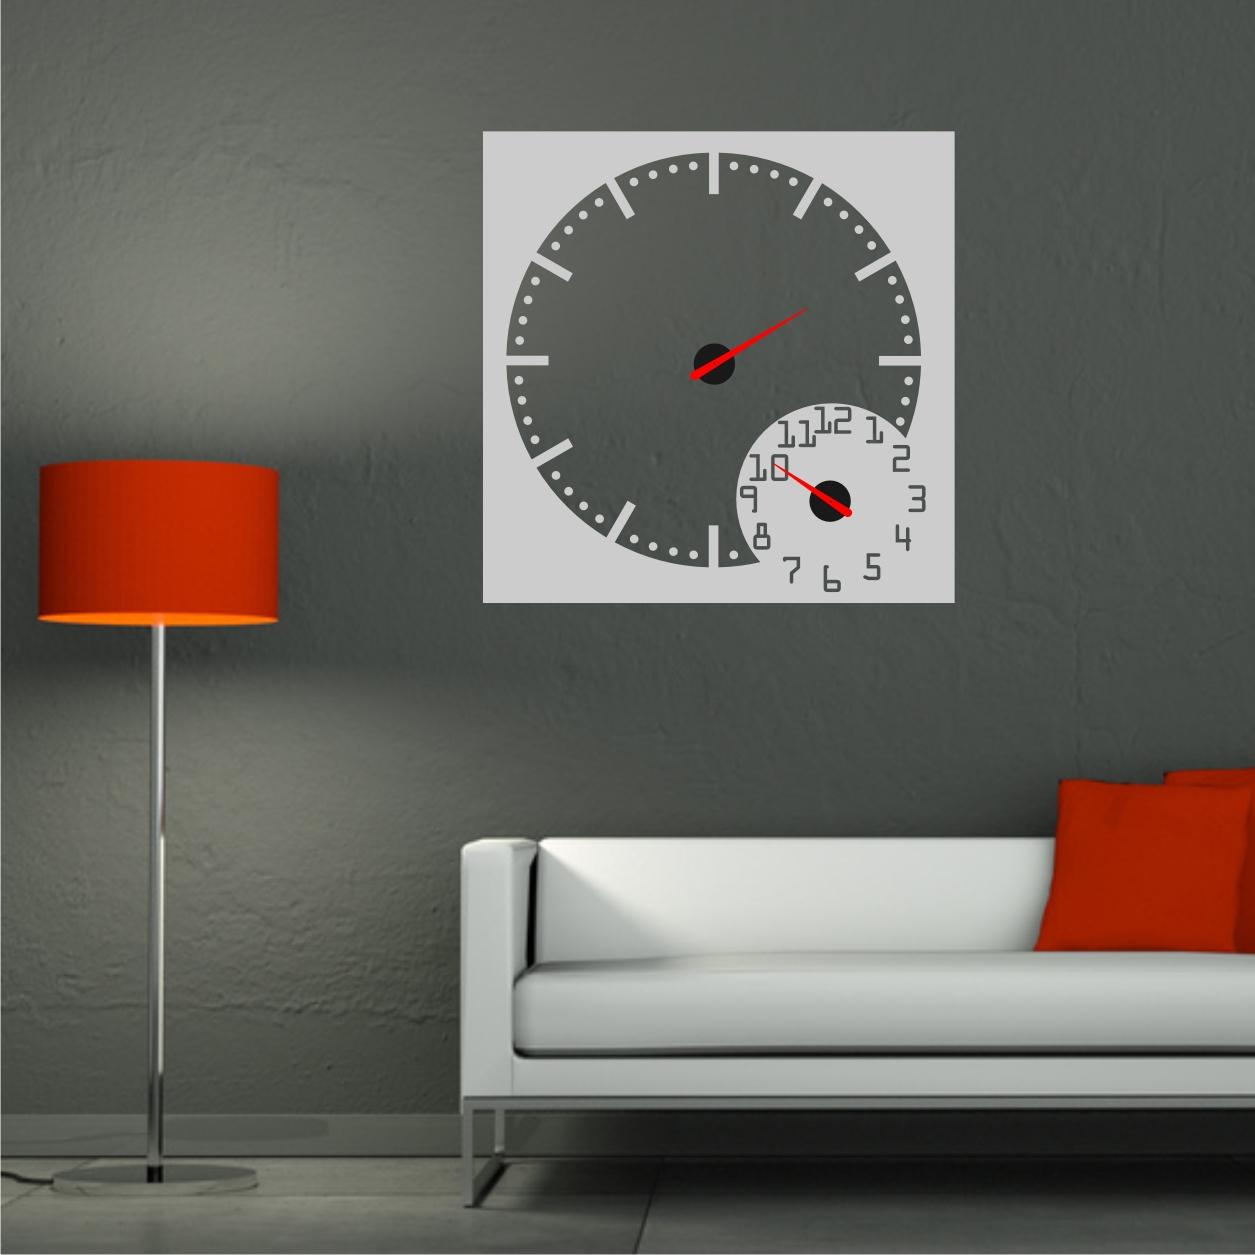 Relojesyvinilos relojes de pared con dos mecanismos - Mecanismo reloj pared ...